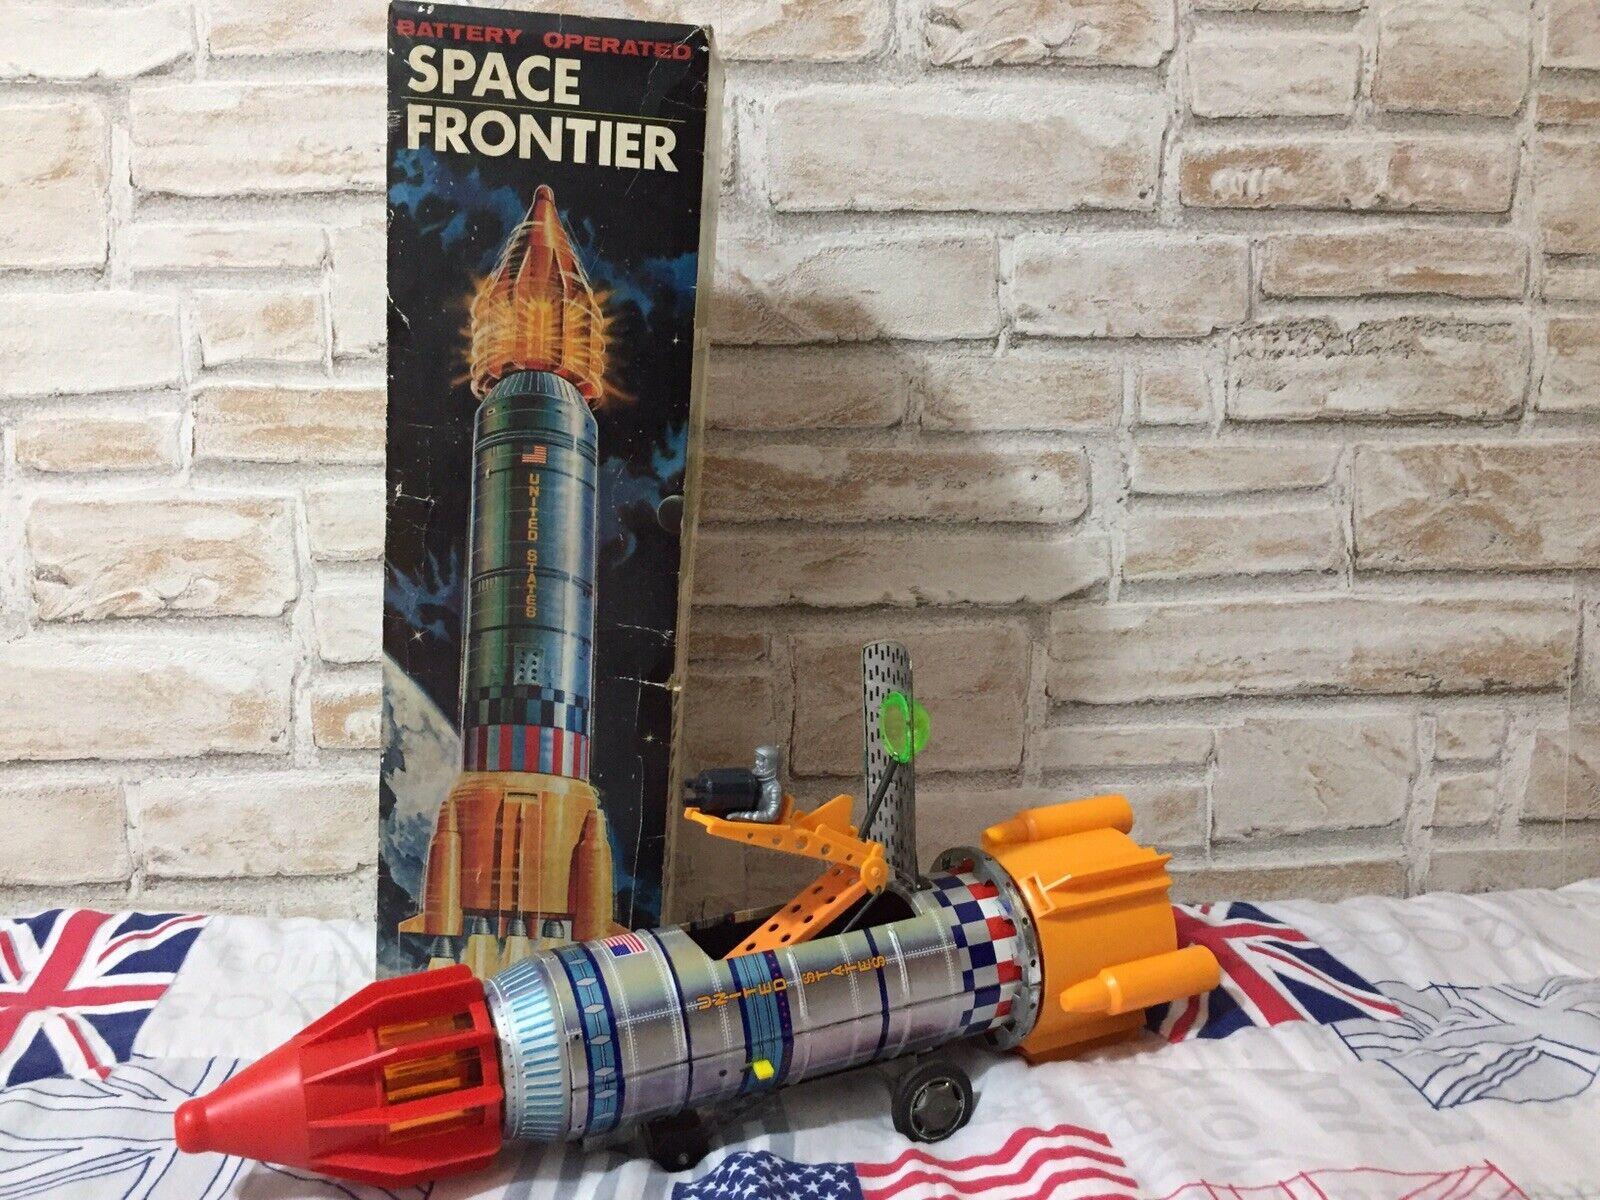 Razzo Space Frontier Apollo 11 Tin Toy Robot Yoshino KY No Nomura Horikawa KO